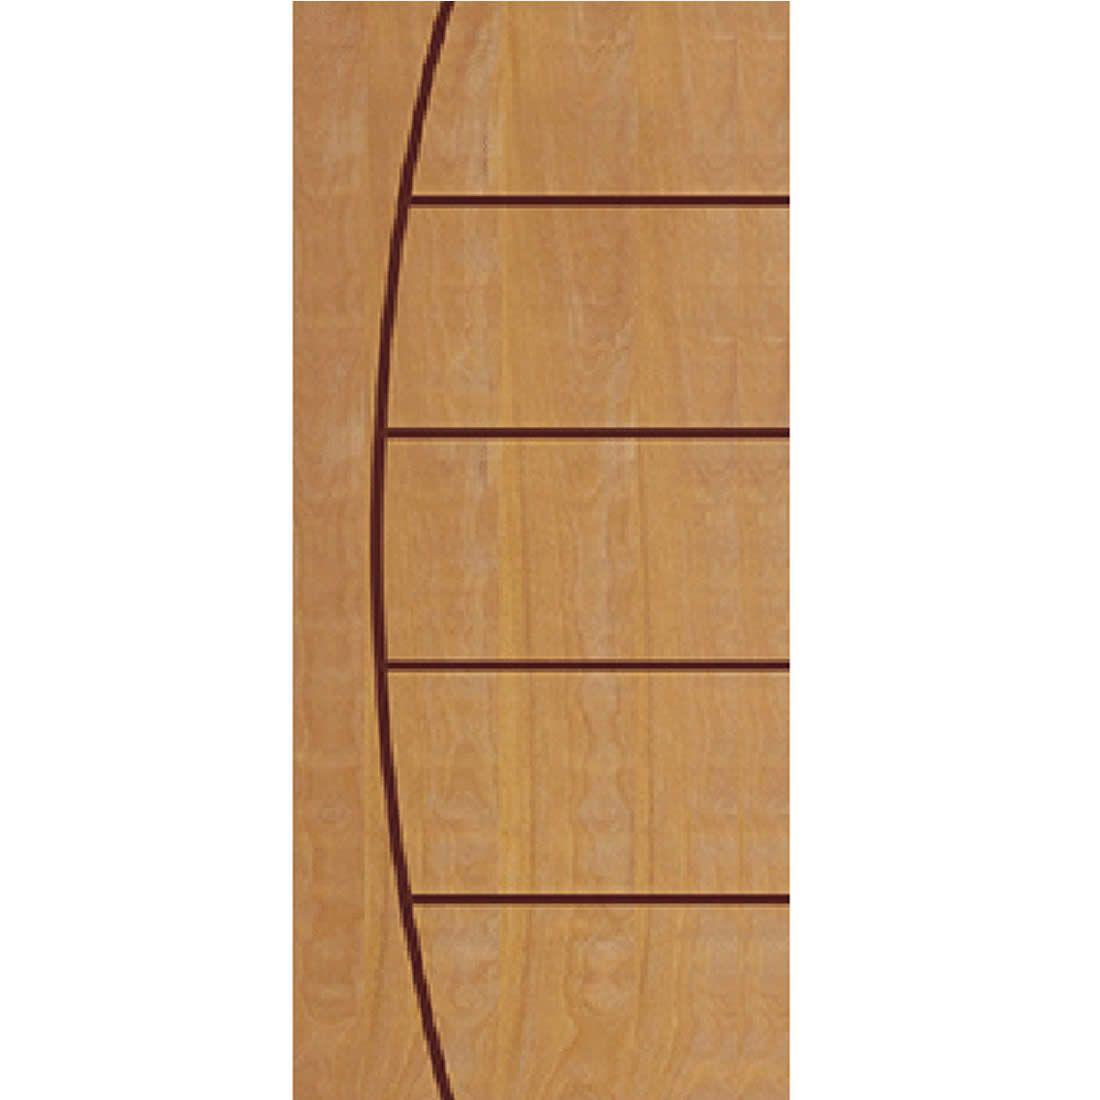 Porta 2,10 x 0,90m em Madeira Curupixa Semi Sólida Modelo 09 Frisada JB Paes